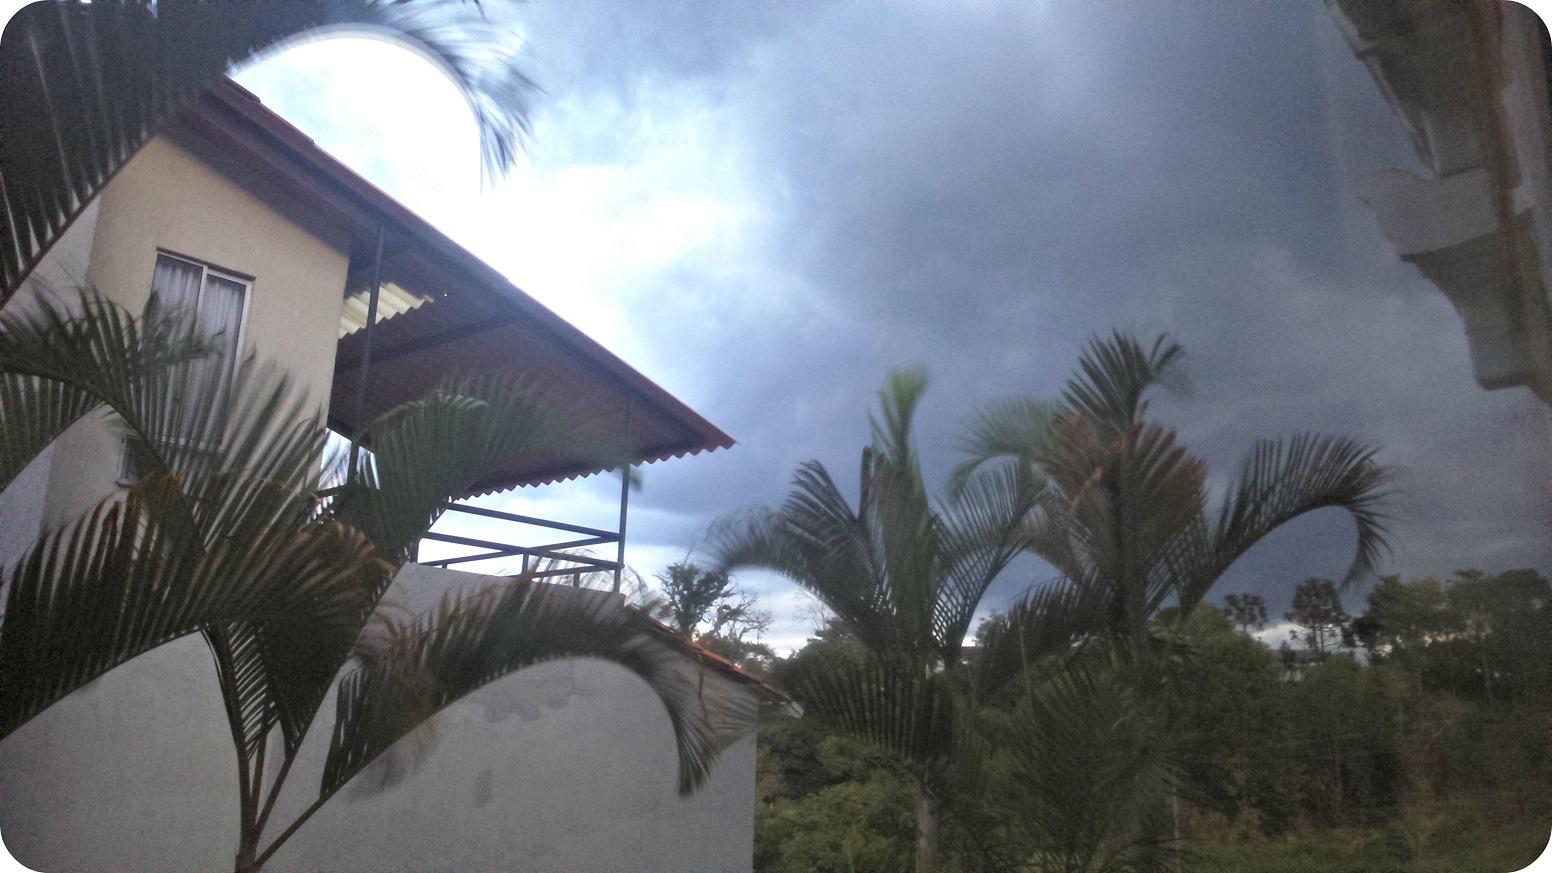 Foto de nubes muy oscuros anunciando un aguacero